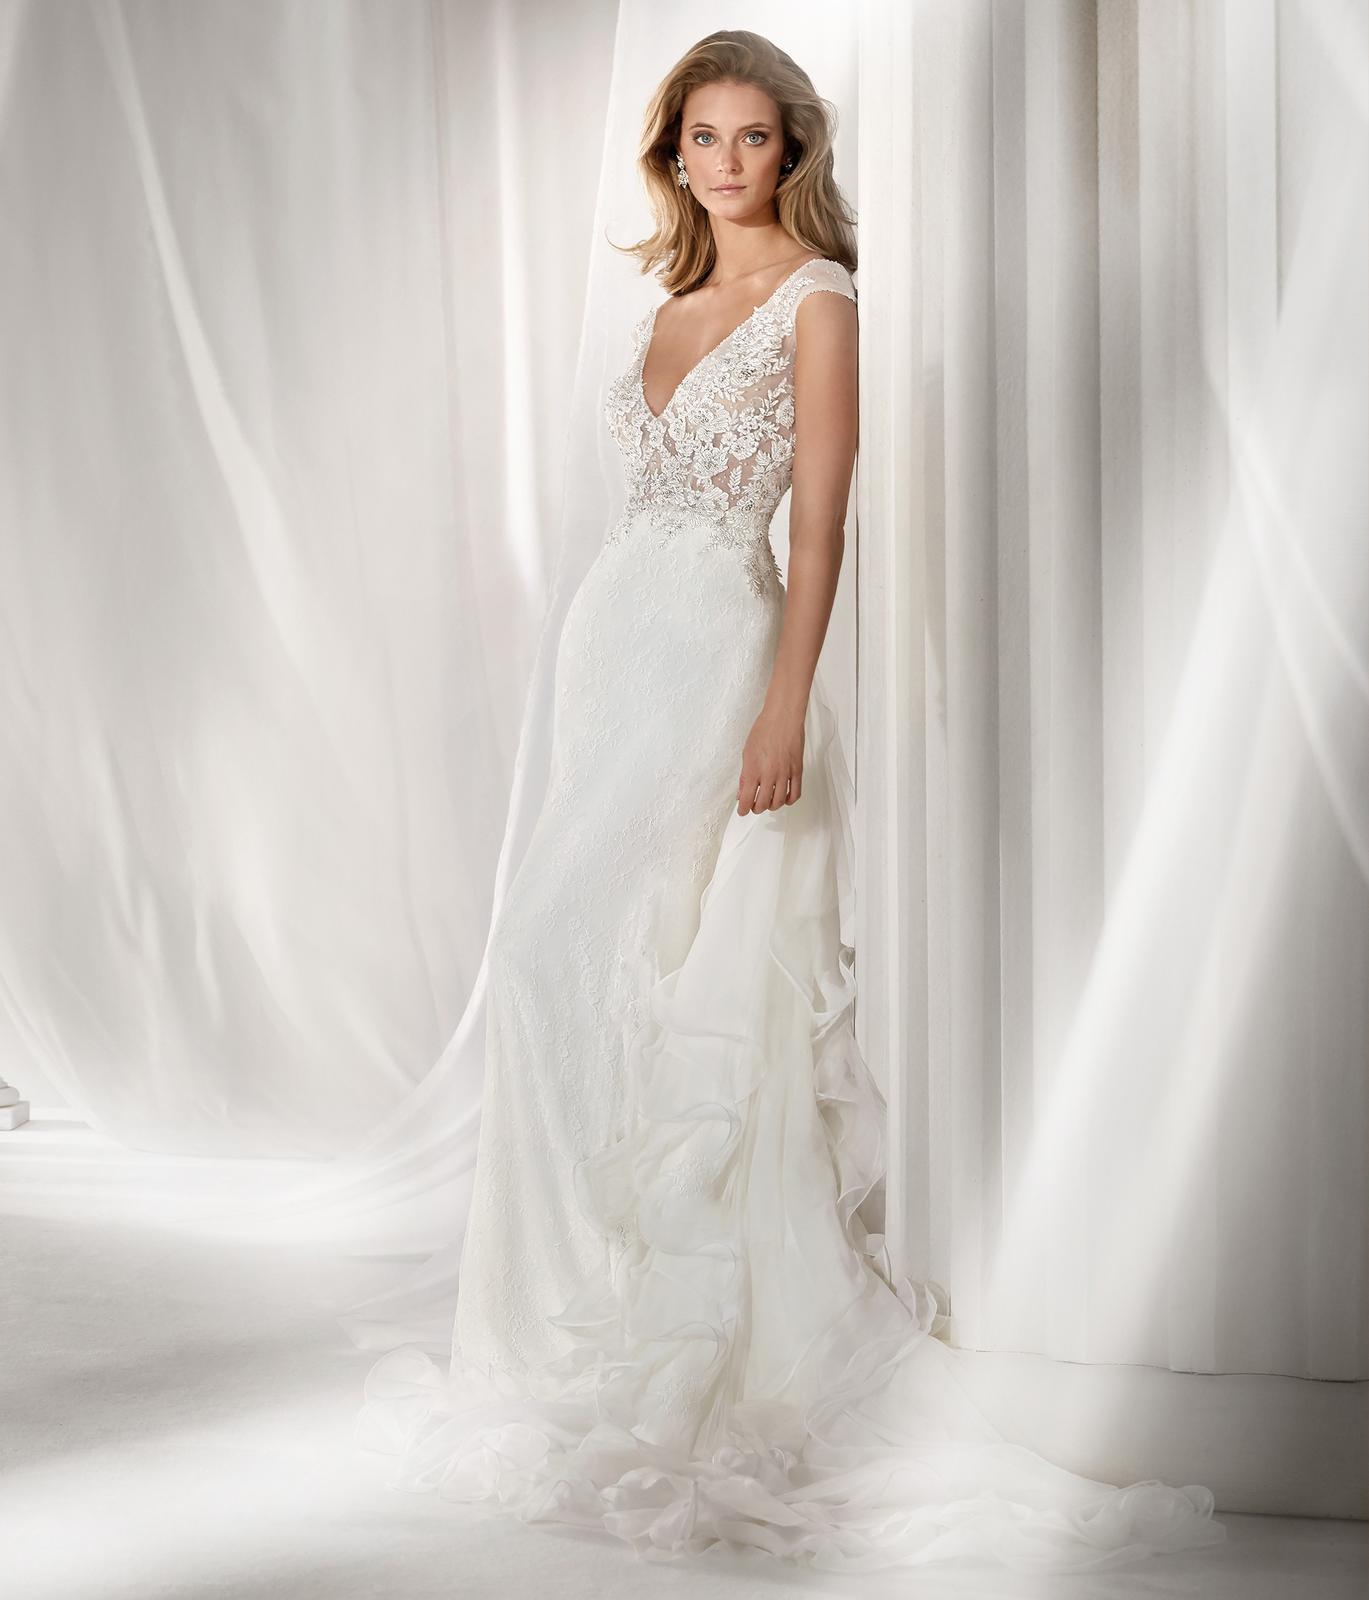 Svadobné šaty z kolekcií na rok 2019 - Obrázok č. 88